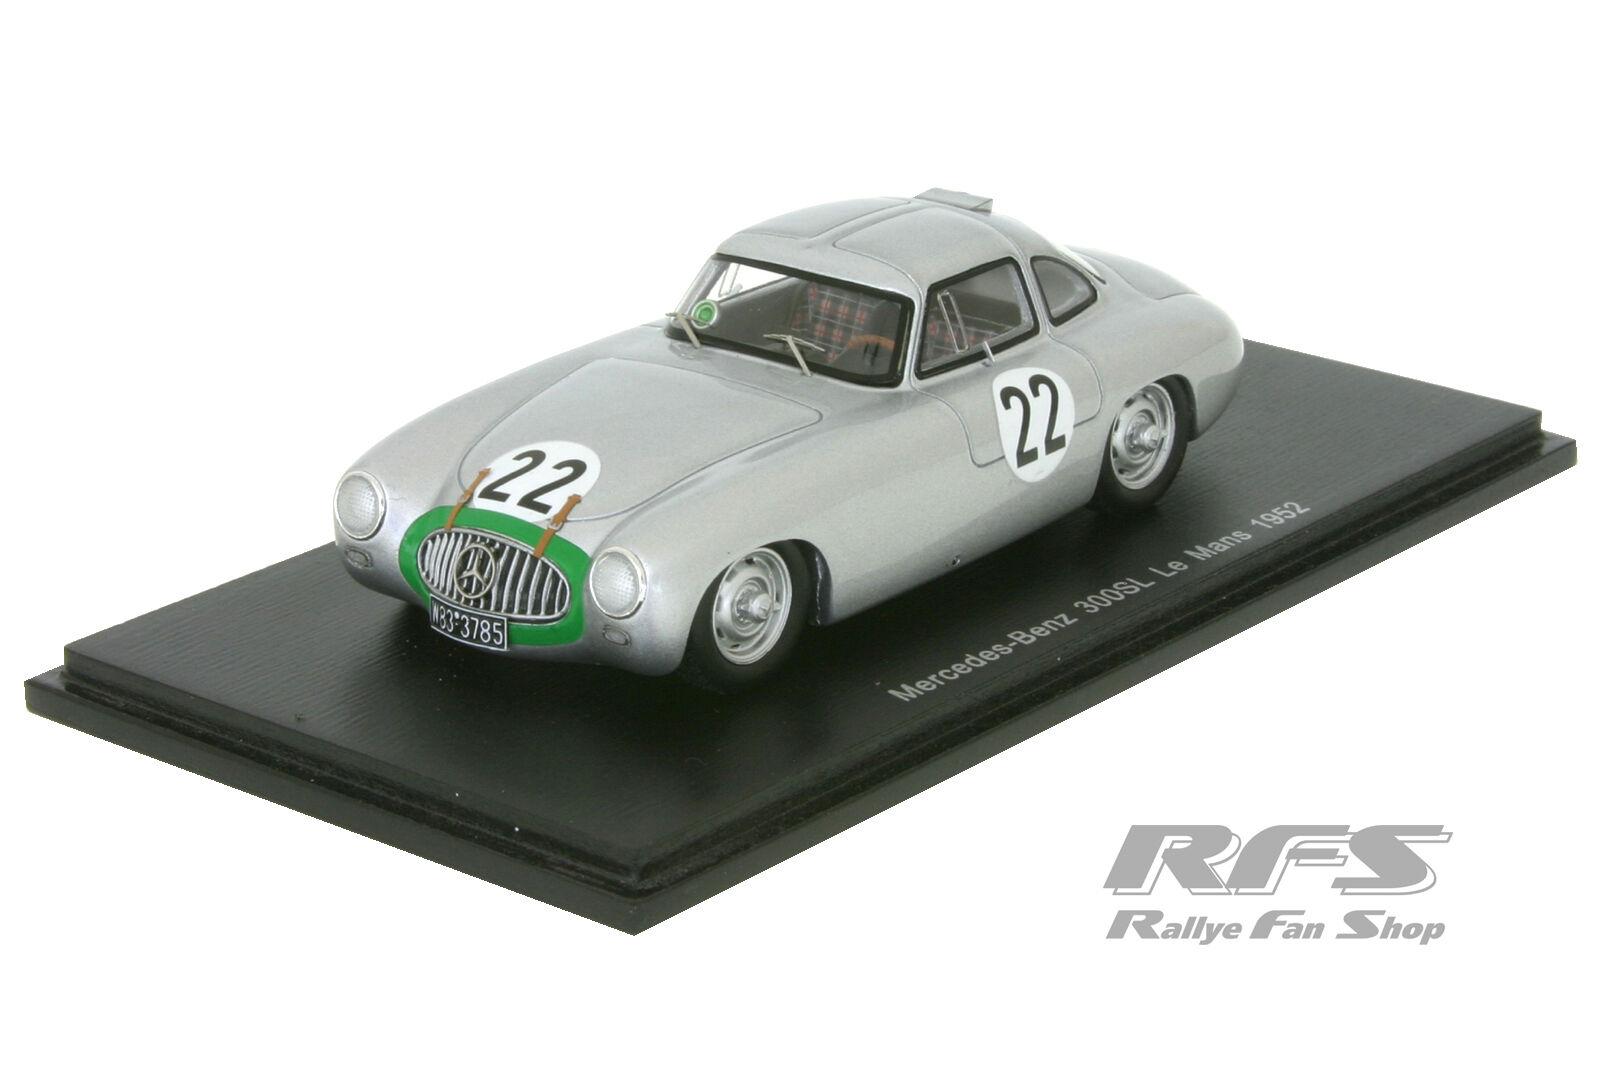 MERCEDES-BENZ 300sl - 24h Le Mans 1952-ça Klenk - 1 43 spark 4409